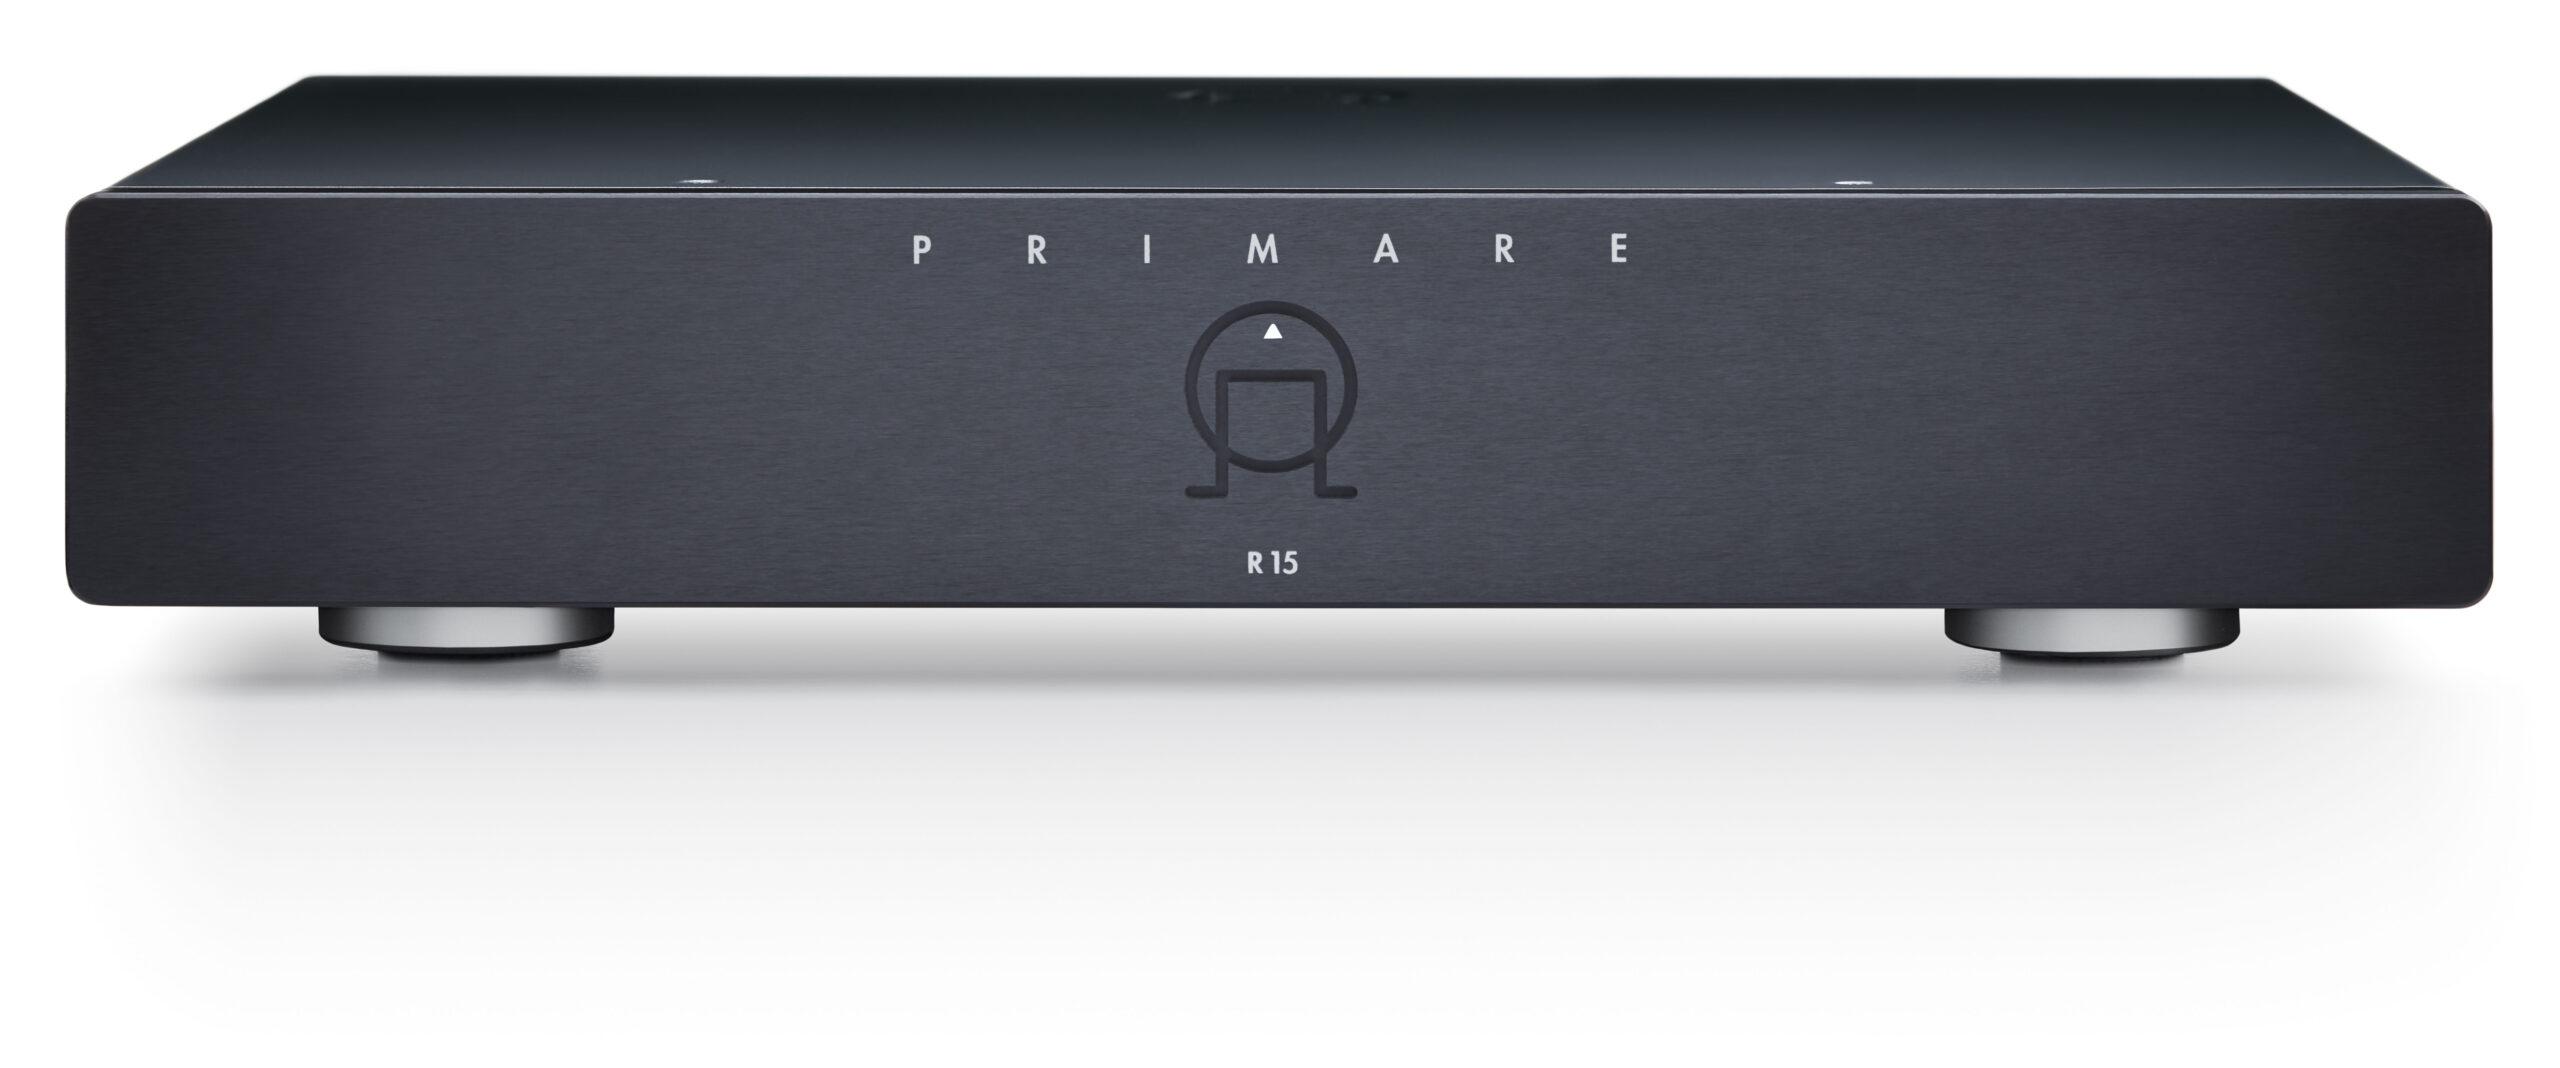 Primare R15 Black